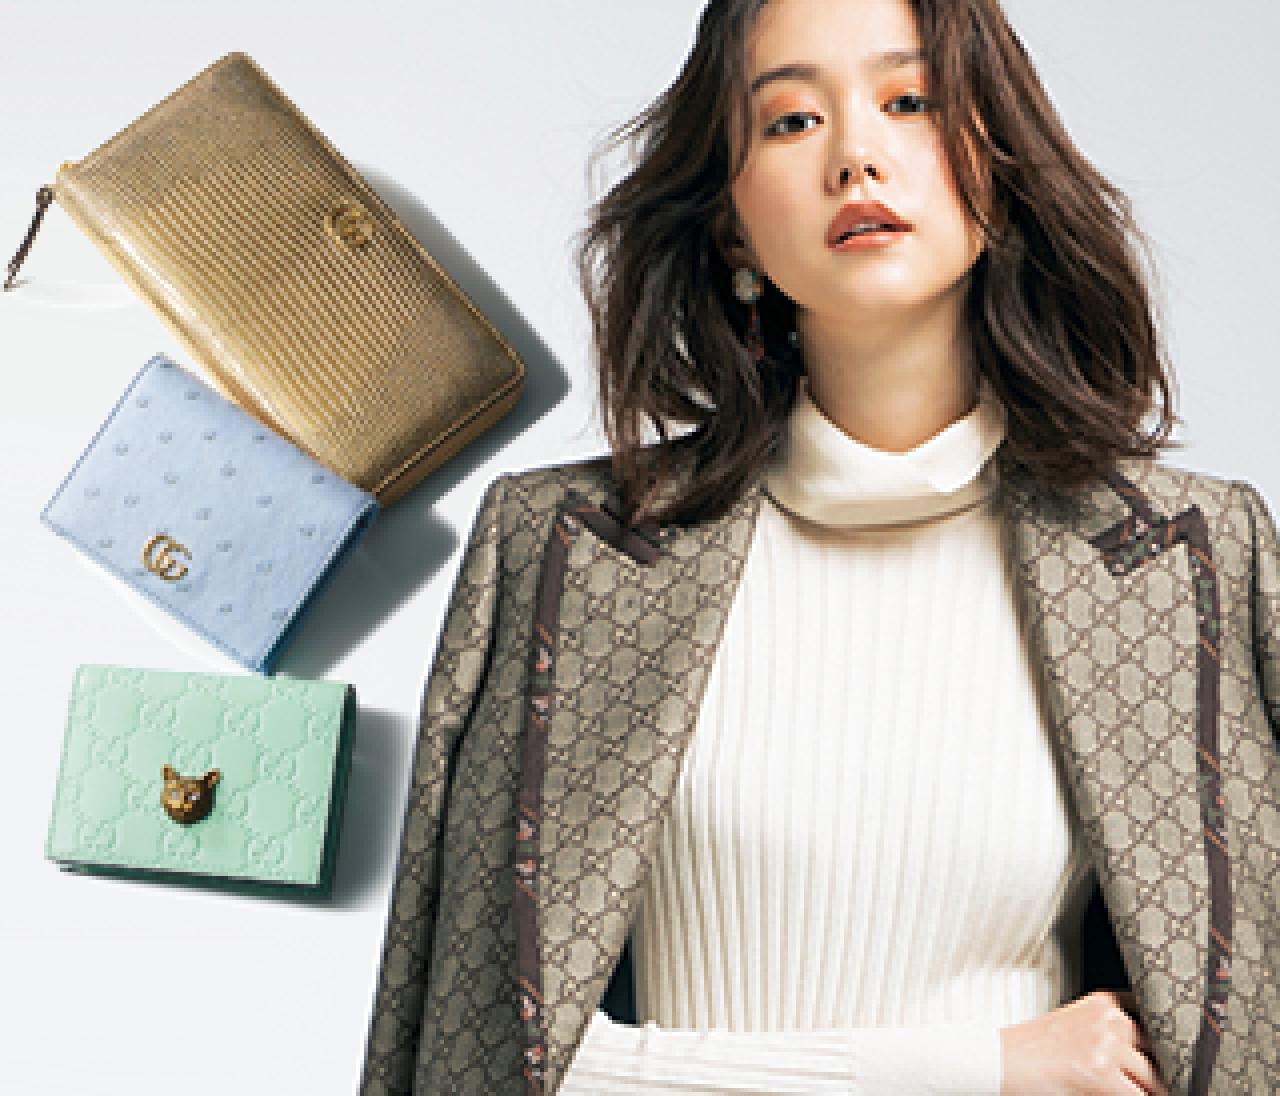 【グッチ(GUCCI)】のミニ財布&レザーグッズを美玲がナビ♡